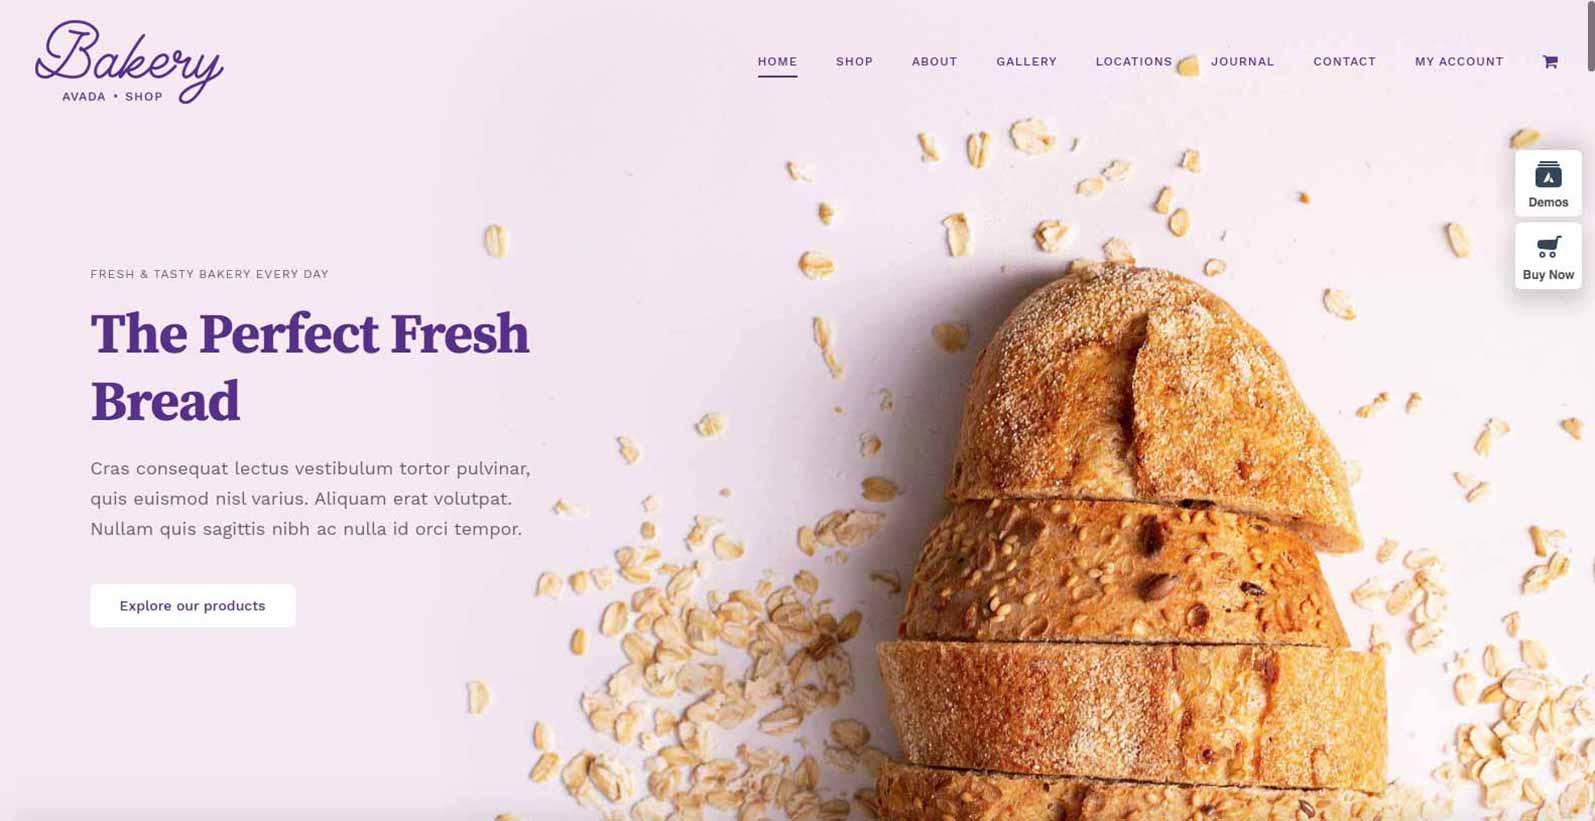 Hjemmeside skabelon til en bager